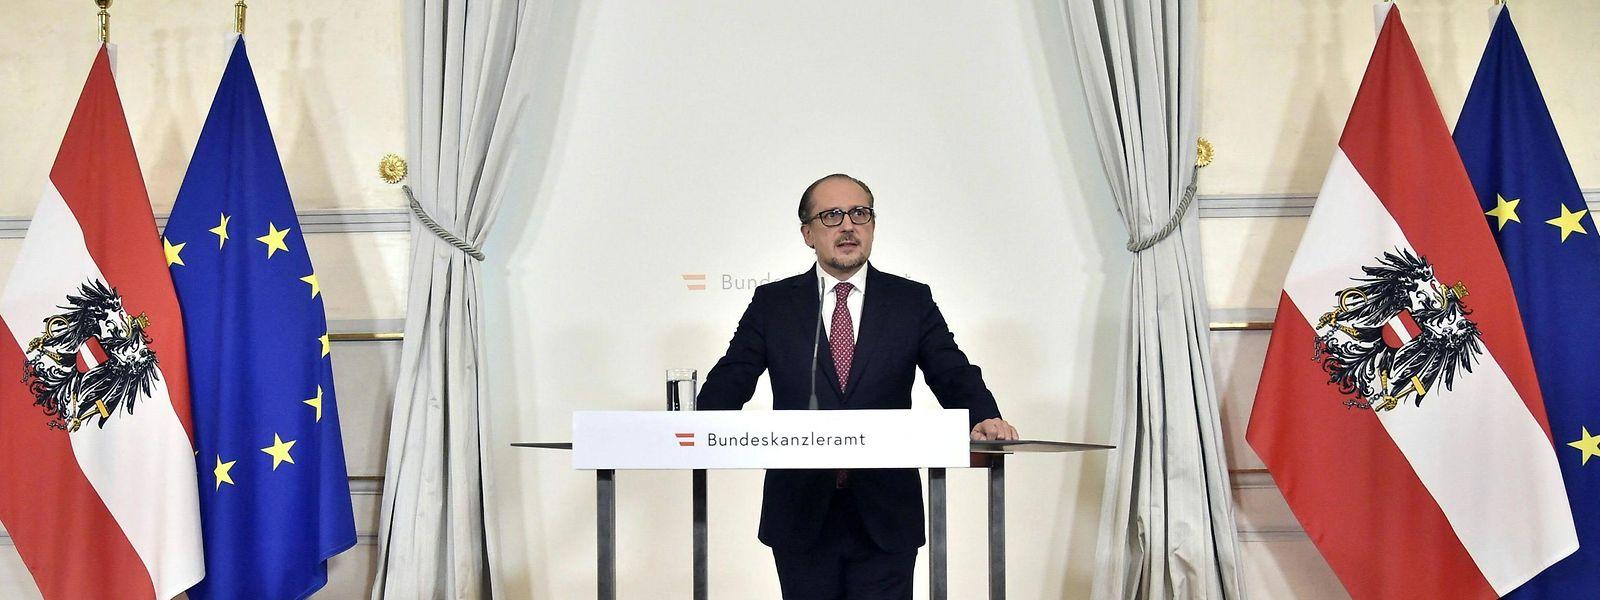 Alexander Schallenberg ist der neue österreichische Bundeskanzler.